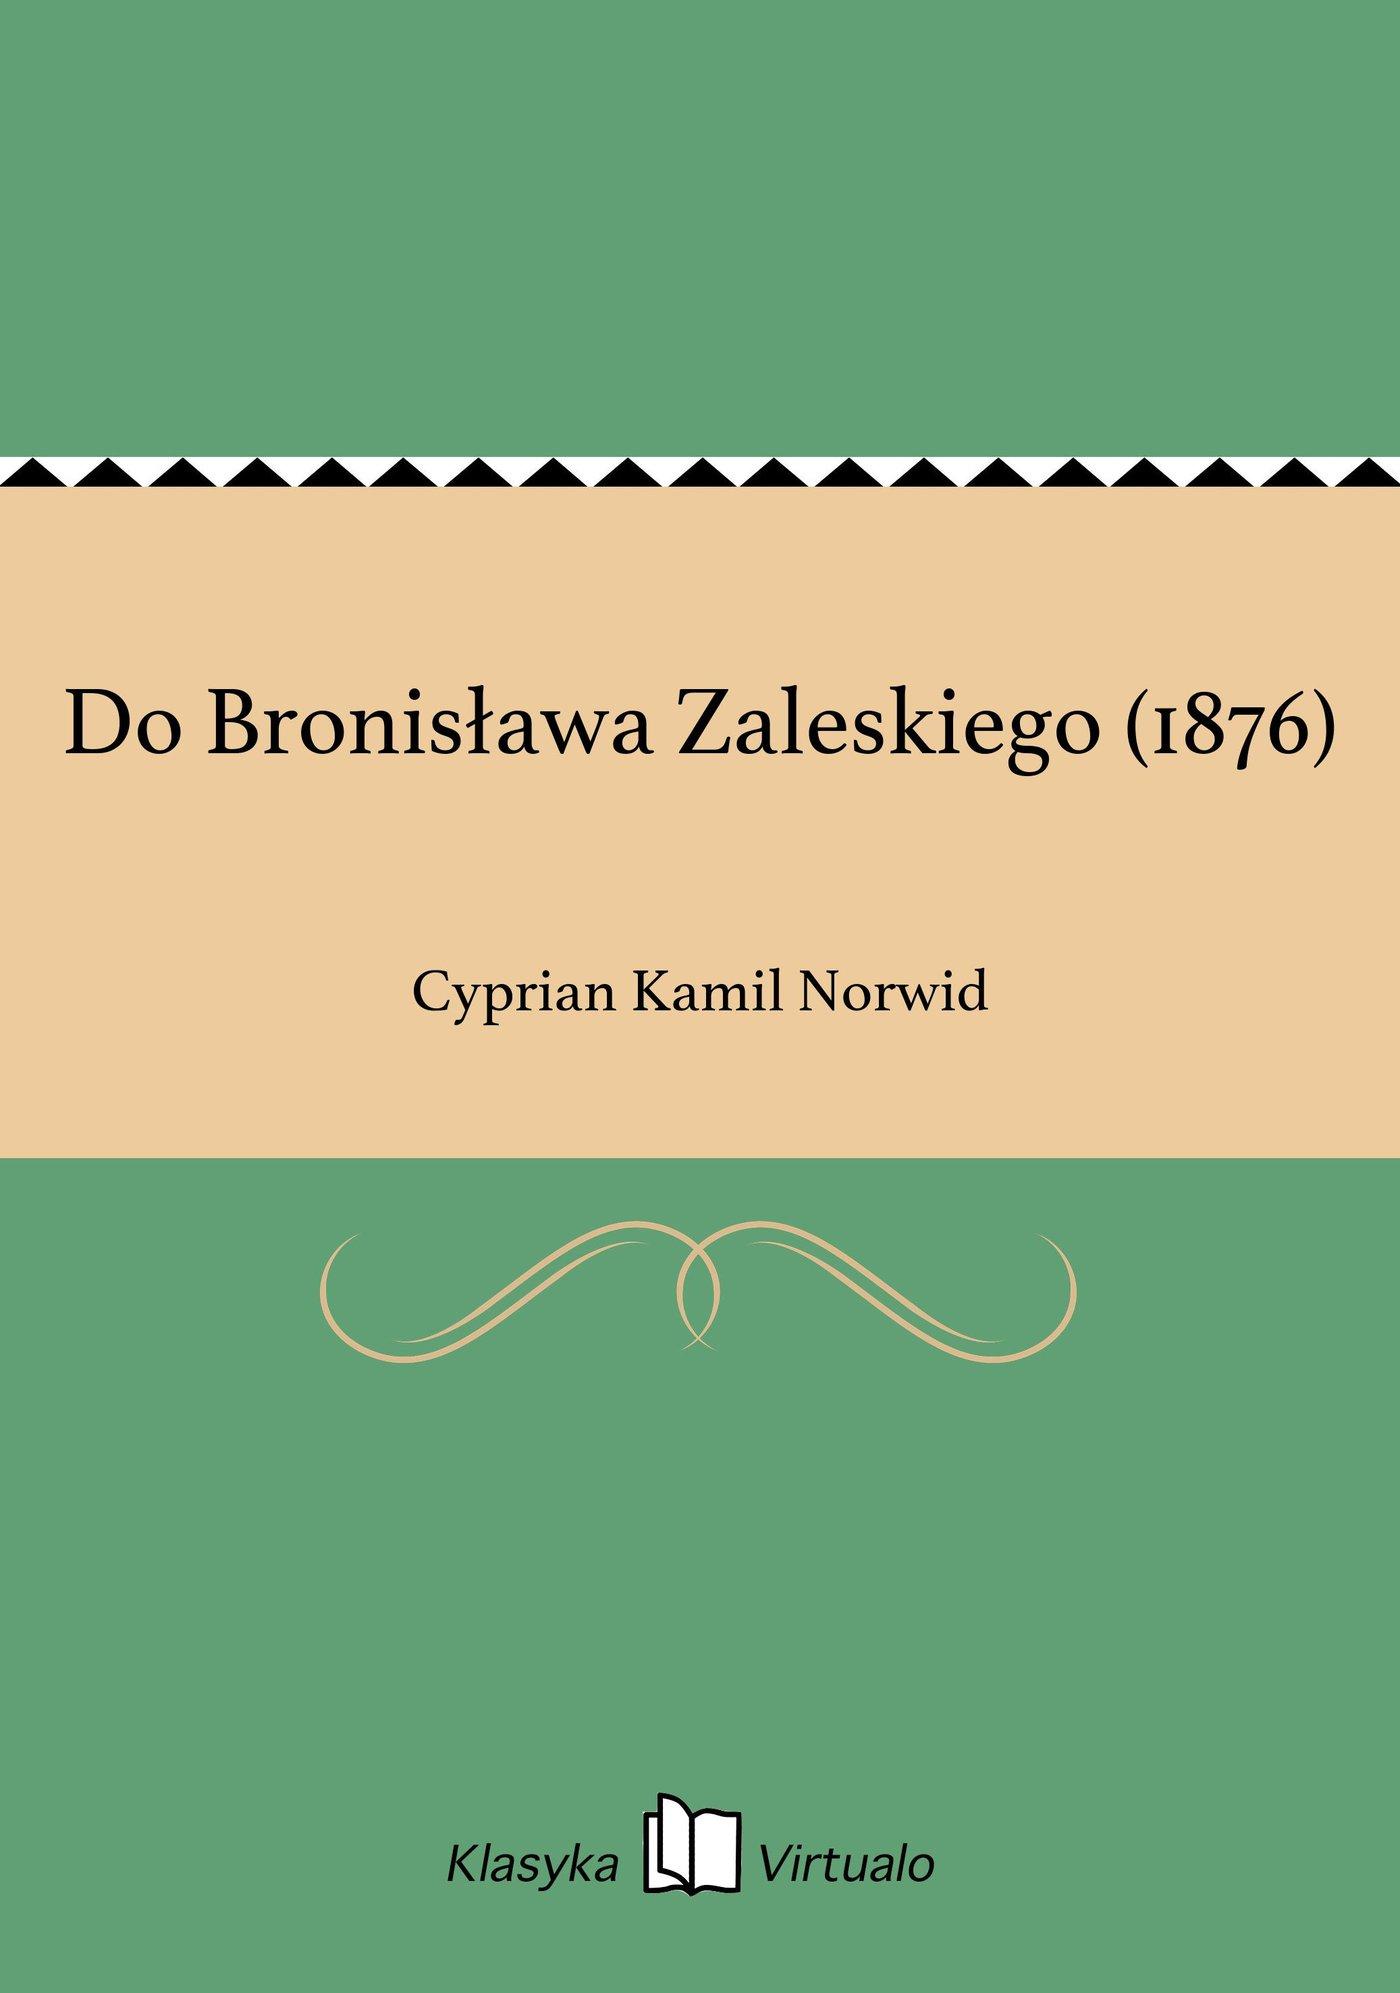 Do Bronisława Zaleskiego (1876) - Ebook (Książka EPUB) do pobrania w formacie EPUB